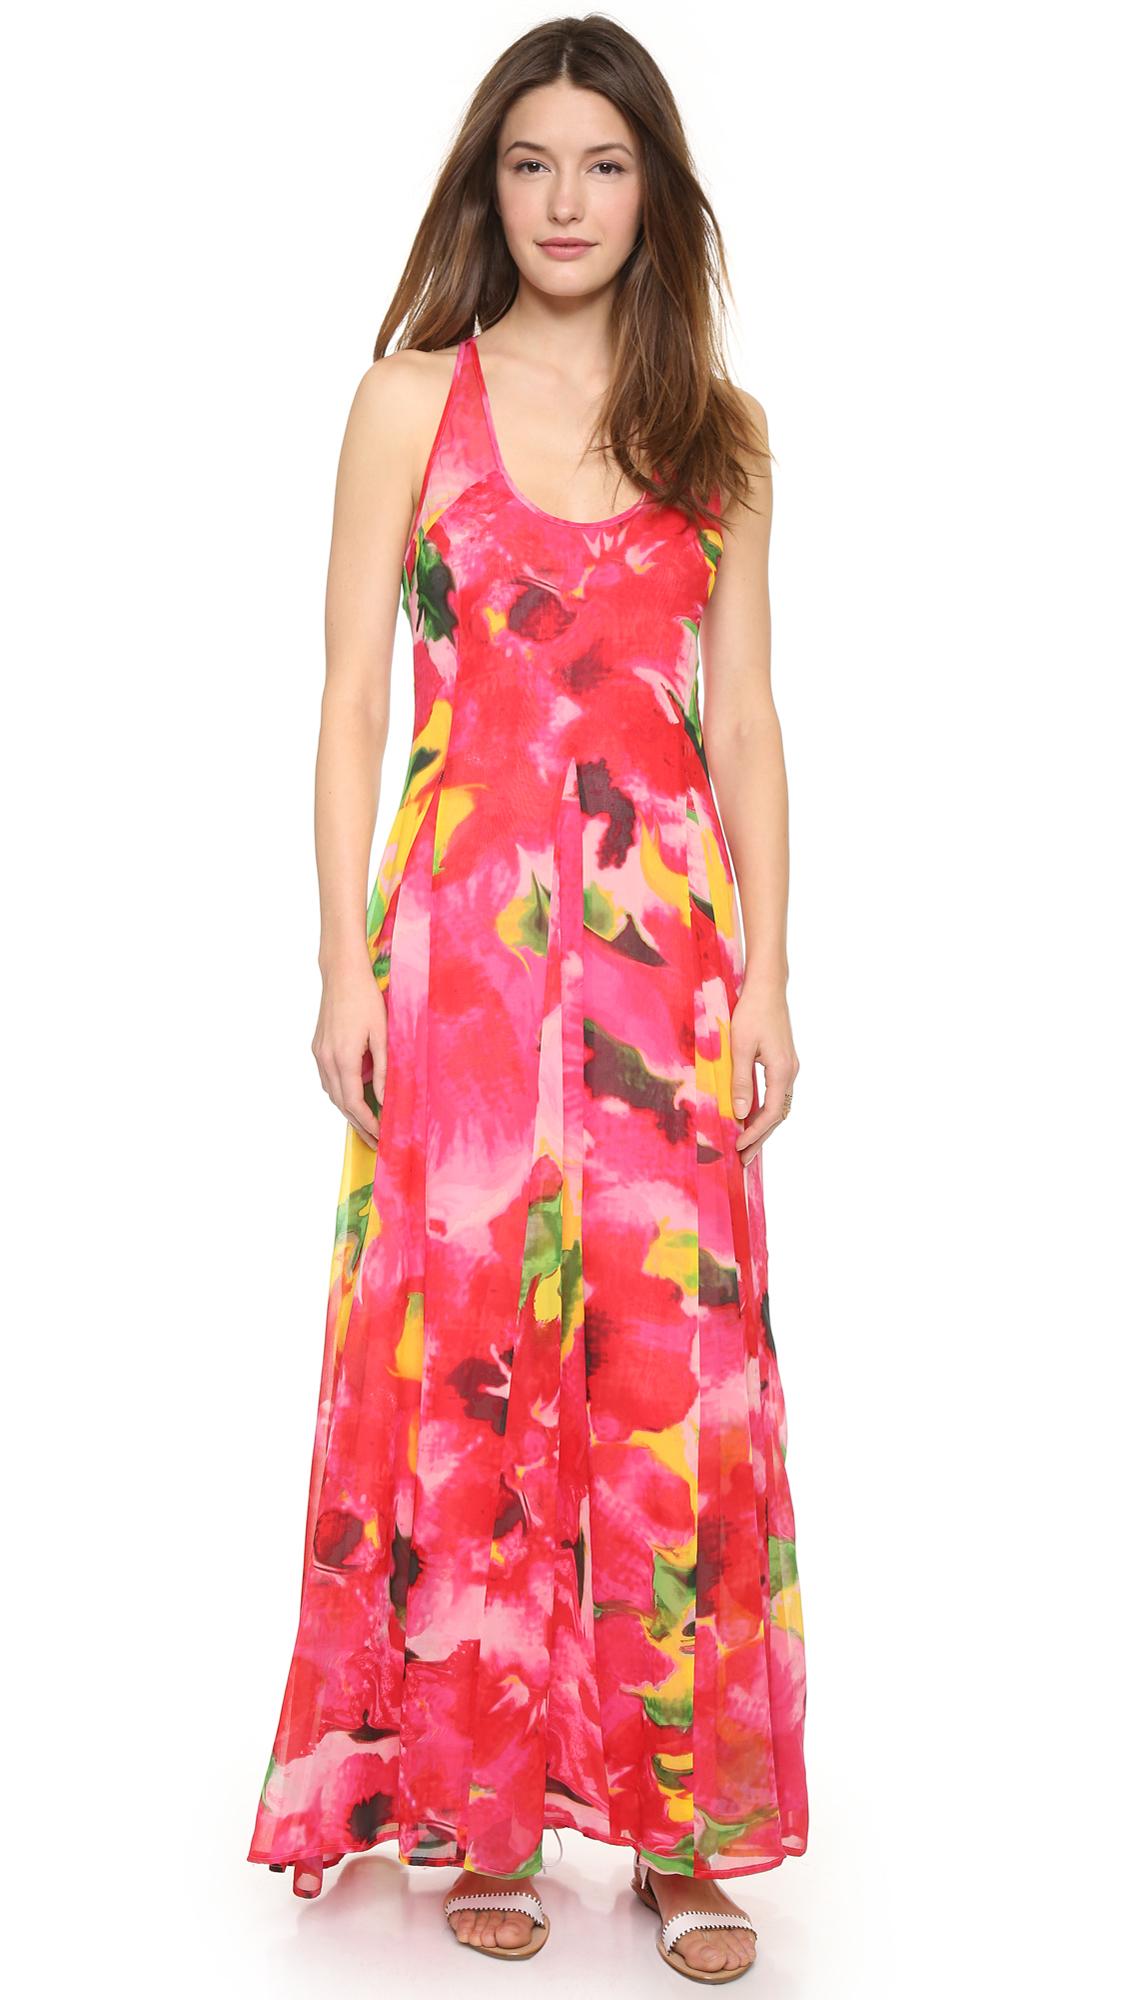 Bb dakota Deklyn Abstract Floral Maxi Dress - Multi | Lyst